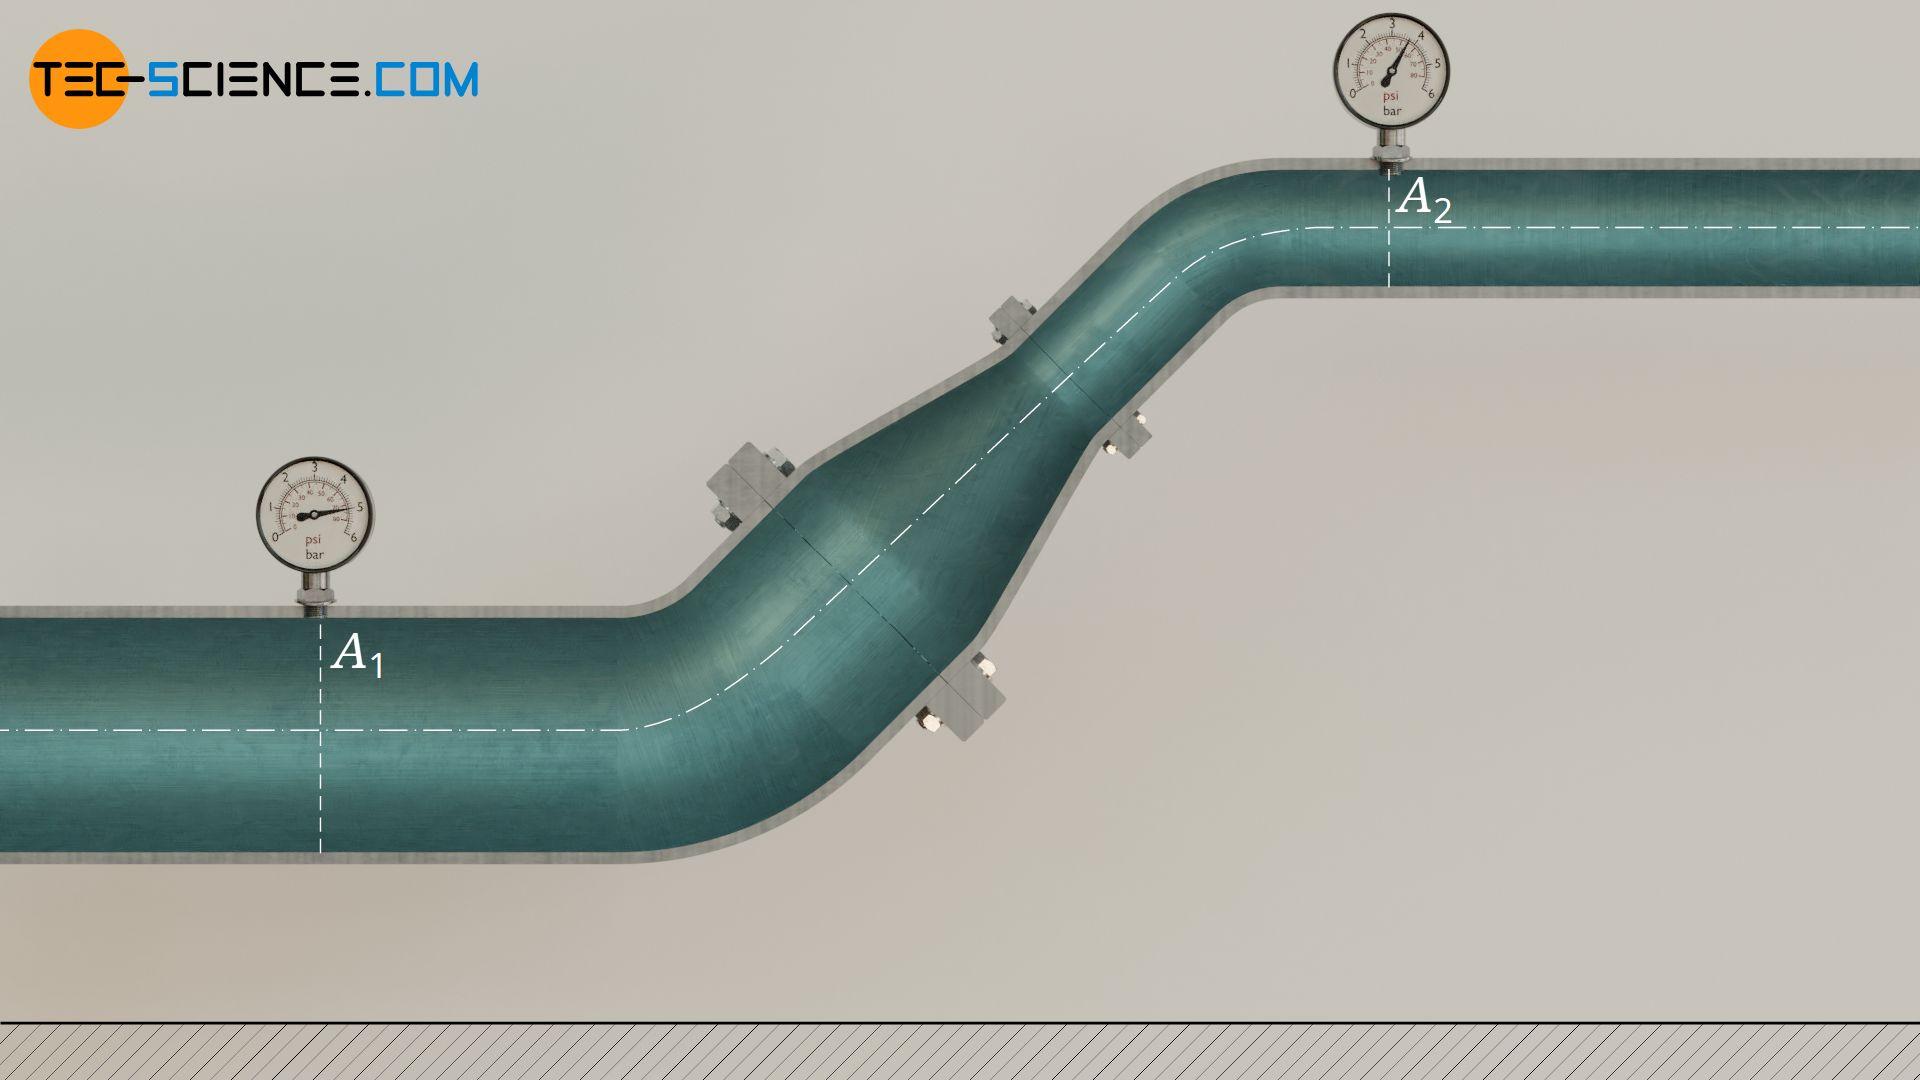 Herleitung der Bernoulli-Gleichung anhand einer Strömung in einer Rohrleitung